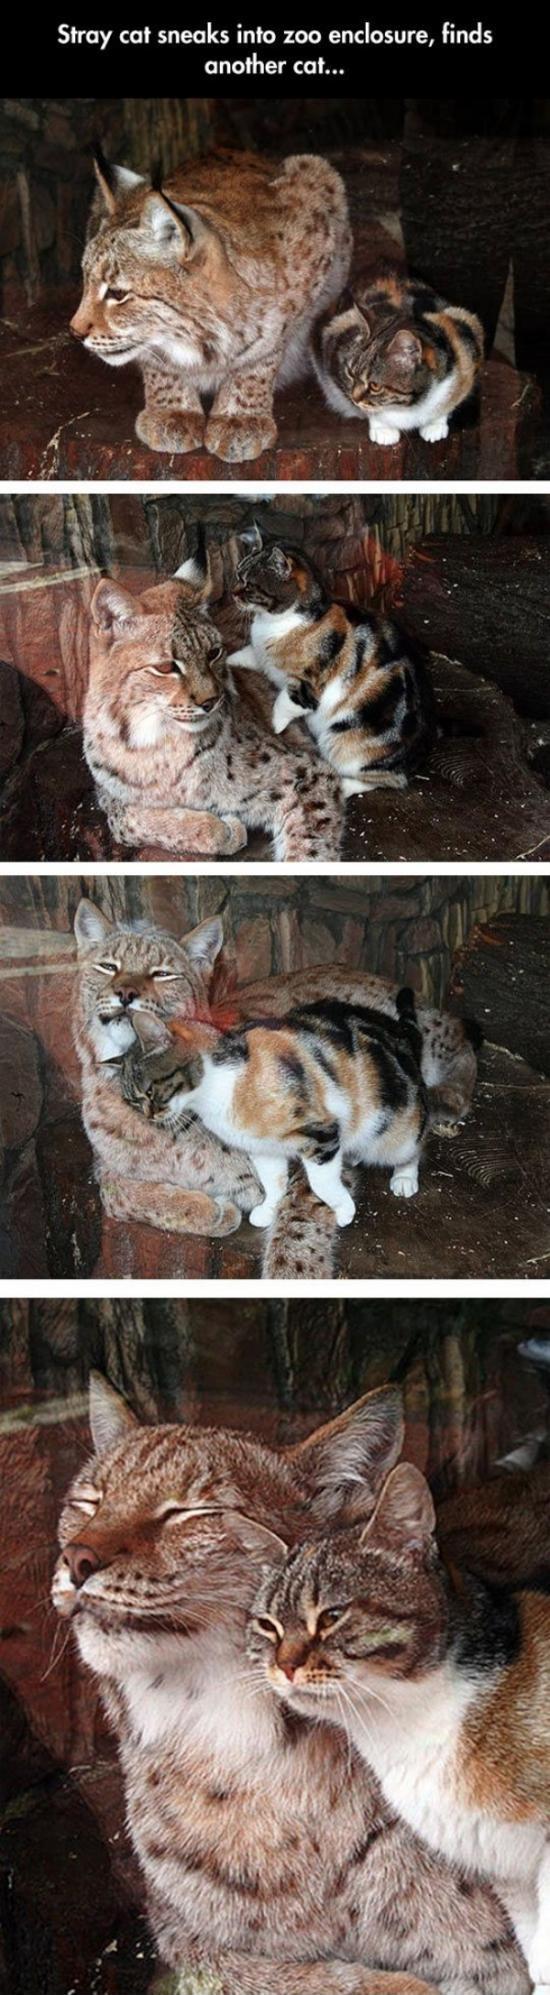 Бездомная кошка нашла себе друга в зоопарке 1